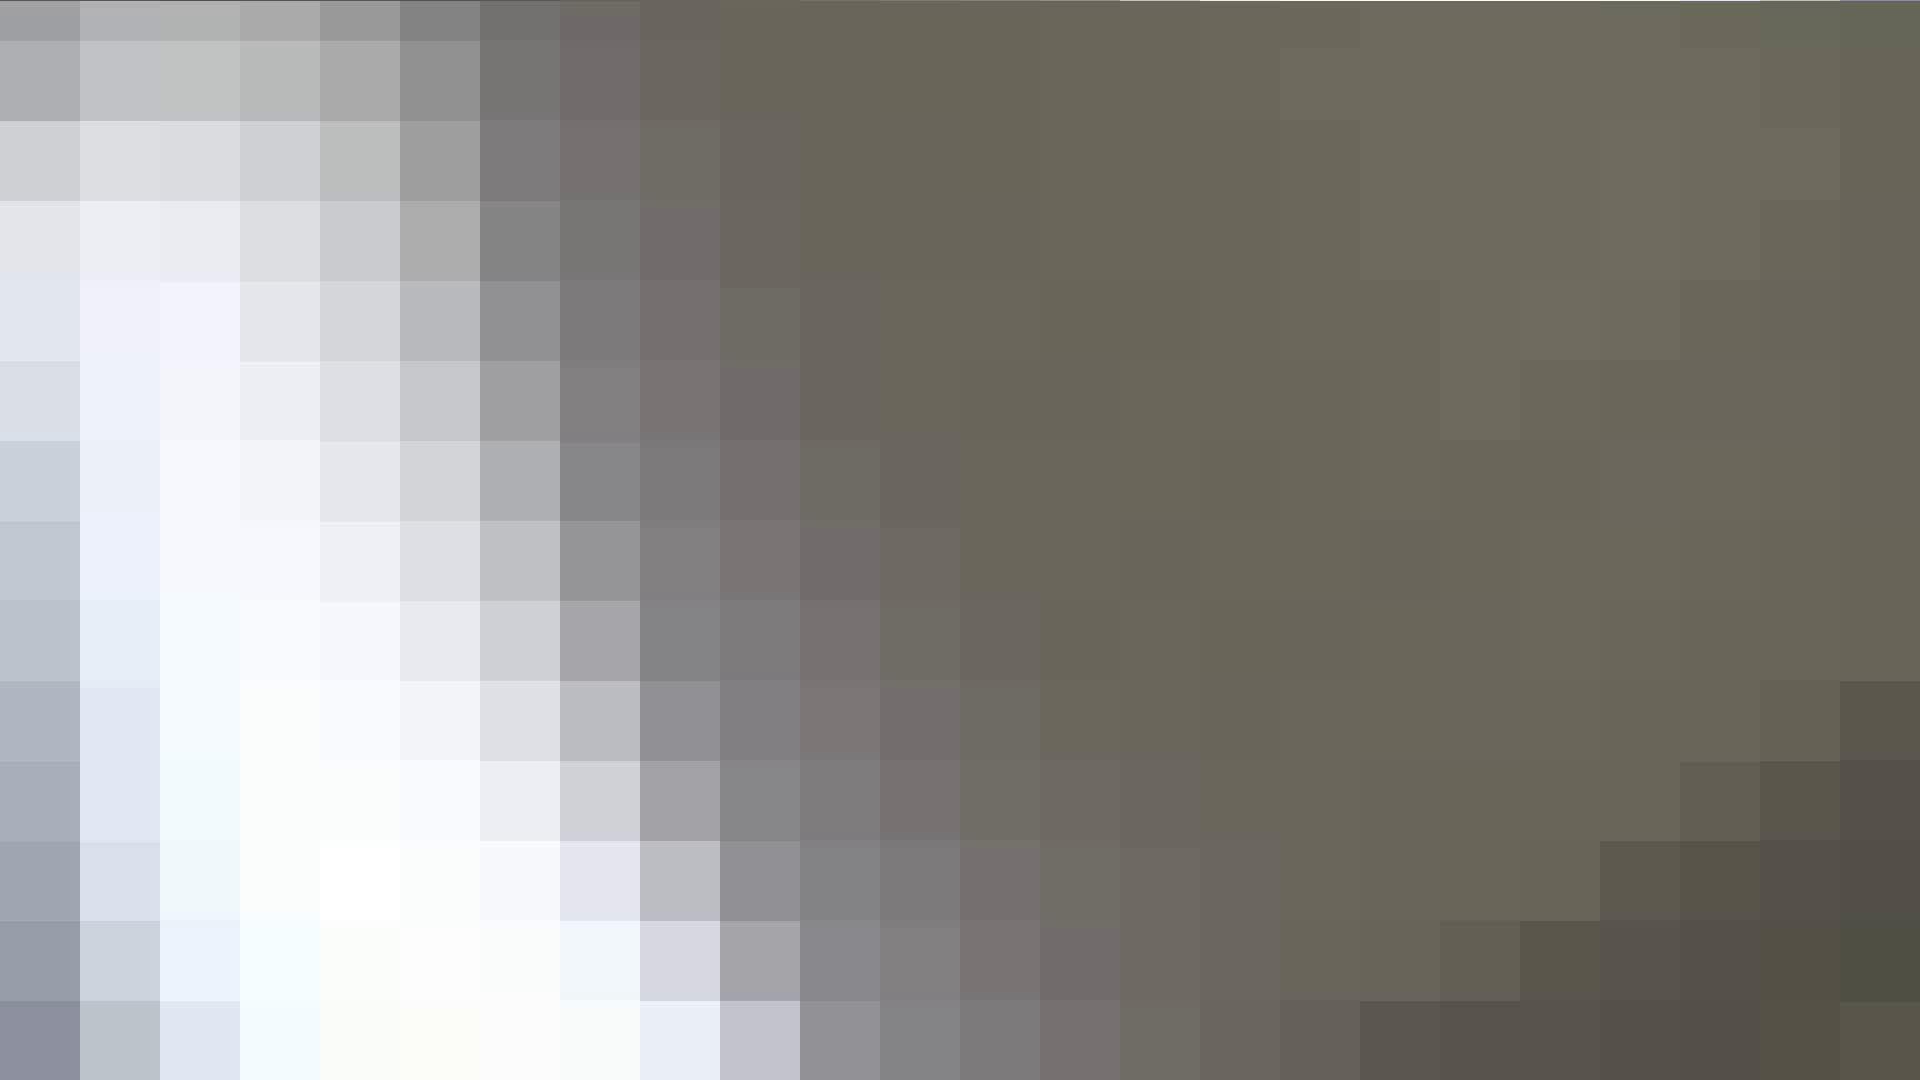 お市さんの「お尻丸出しジャンボリー」No.4 高画質動画 スケベ動画紹介 83画像 8